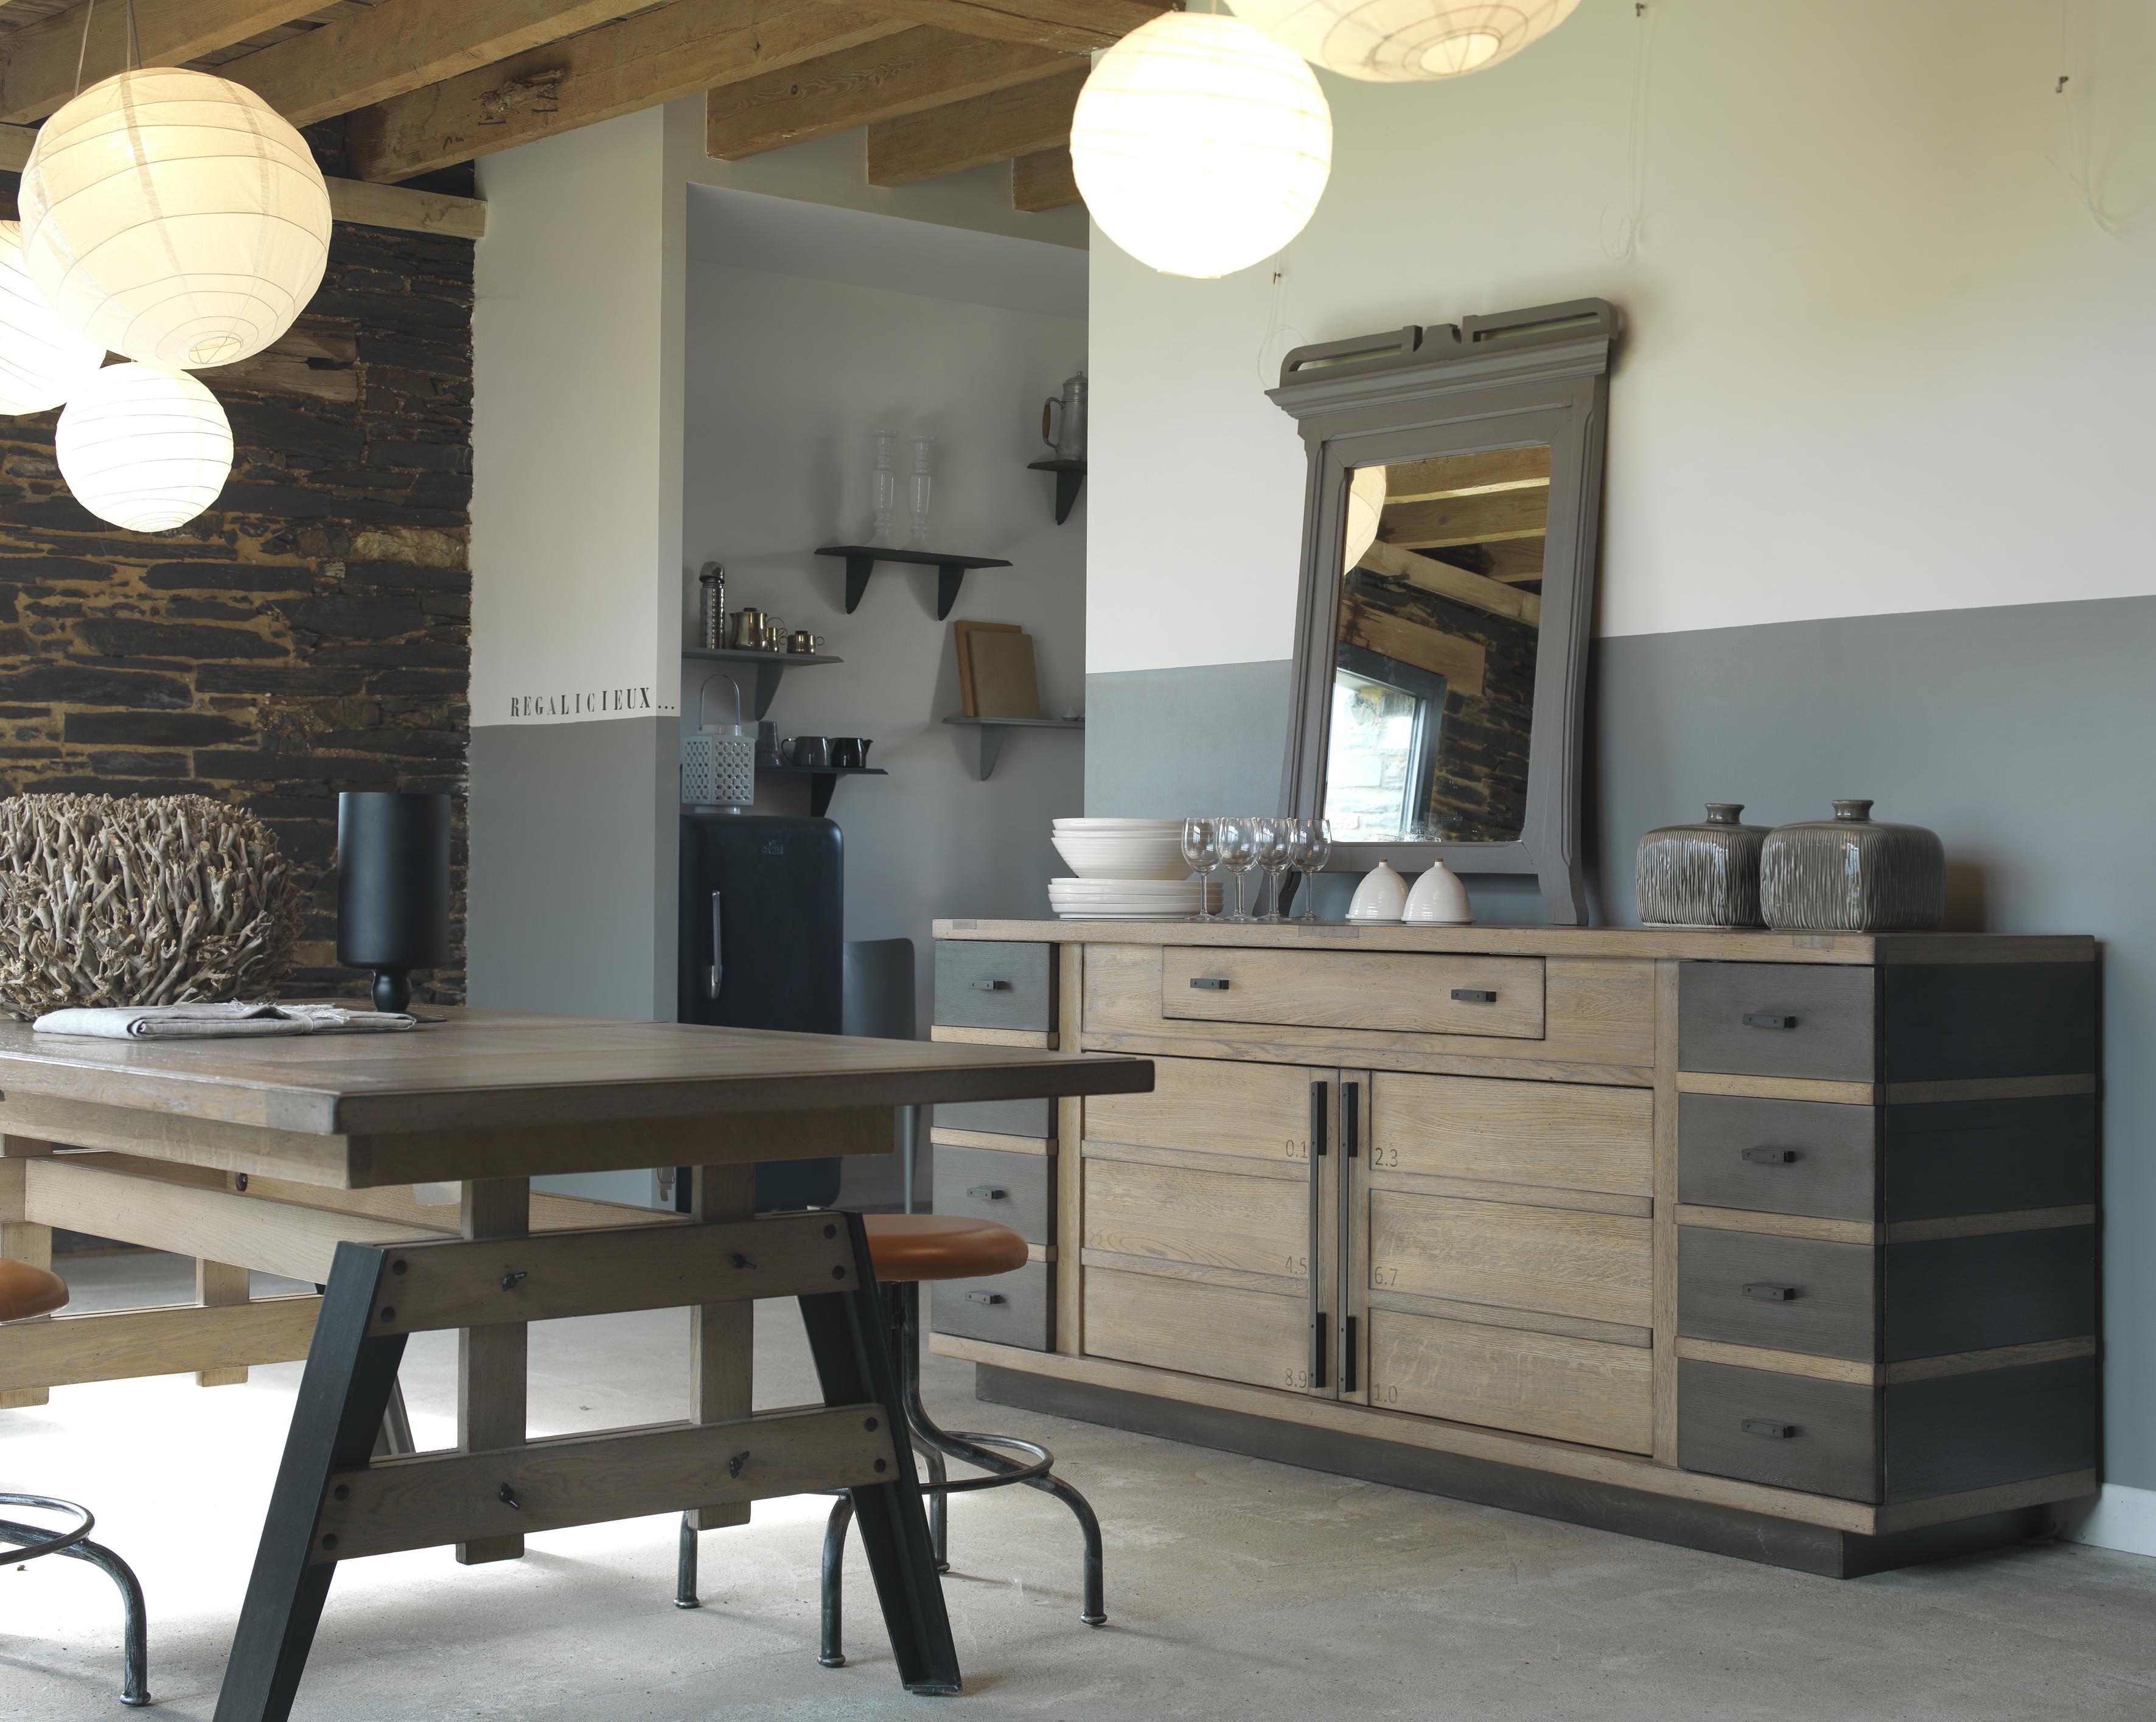 Ol ron meubles nouveaut s chez ol ron meubles for Meubles oleron